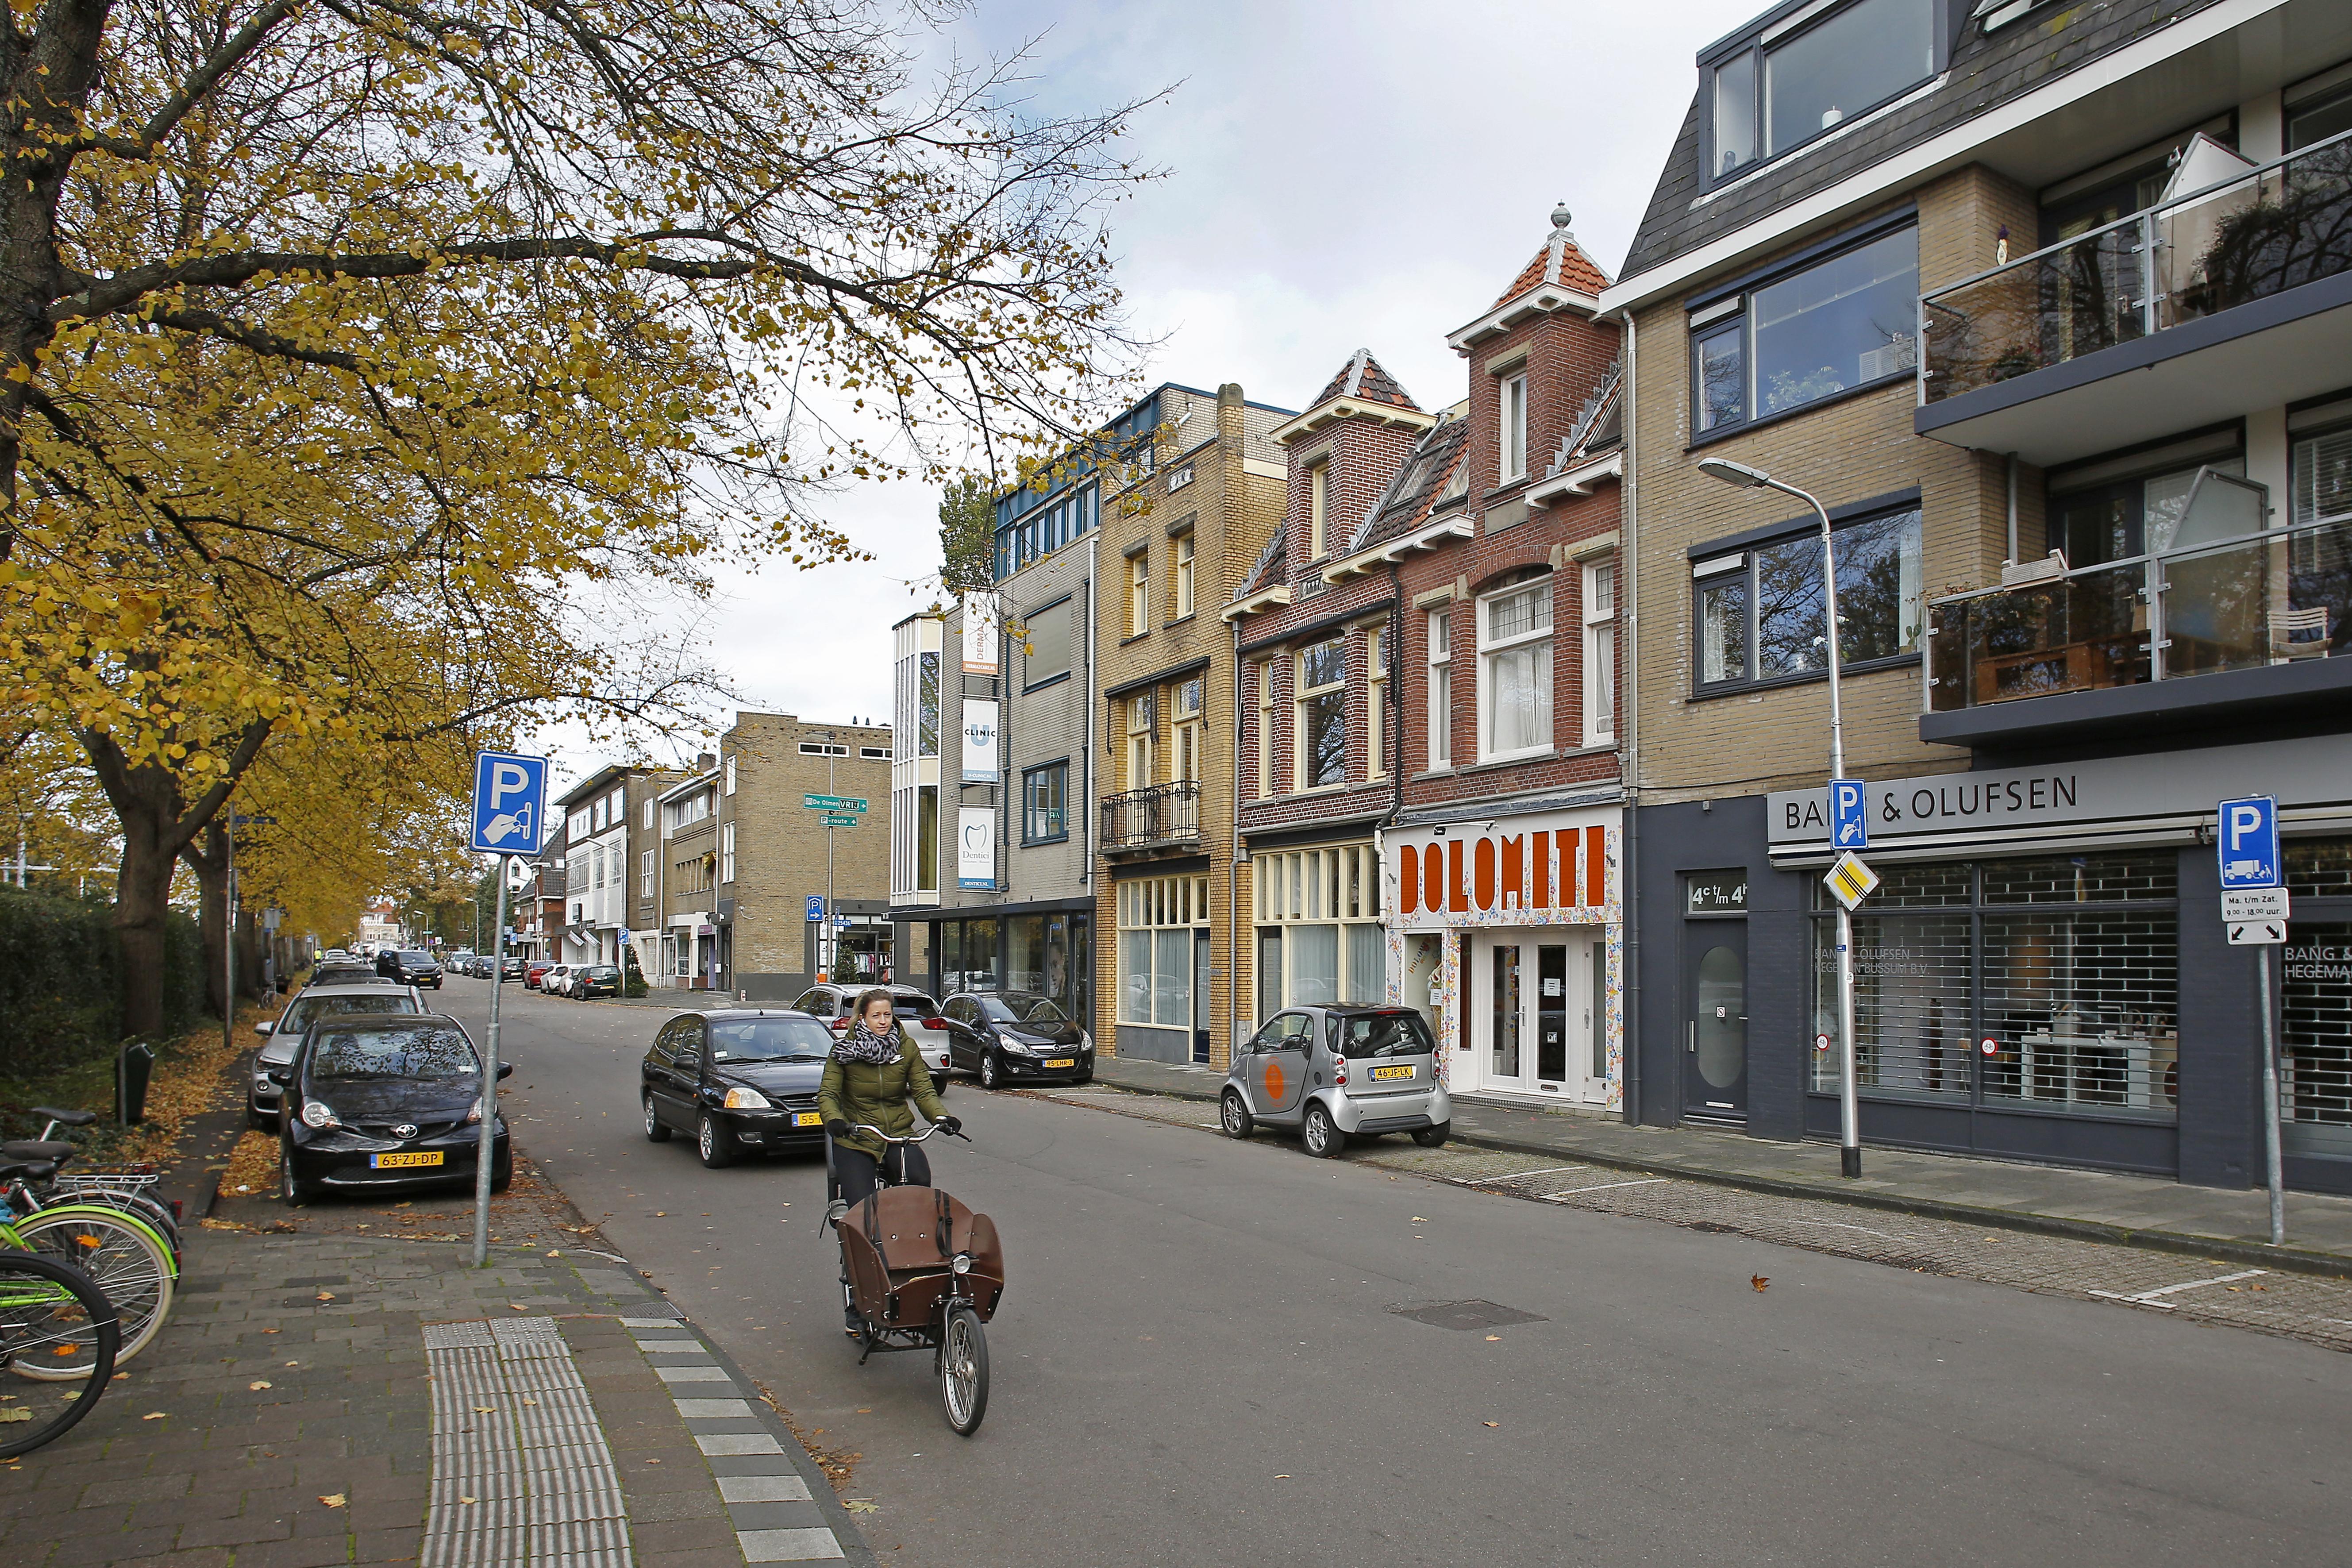 'Ouderwetse en strakke' lobby van ondernemers voor een andere herinrichting van de Vlietlaan in Bussum; groene middenberm is onaanvaardbaar